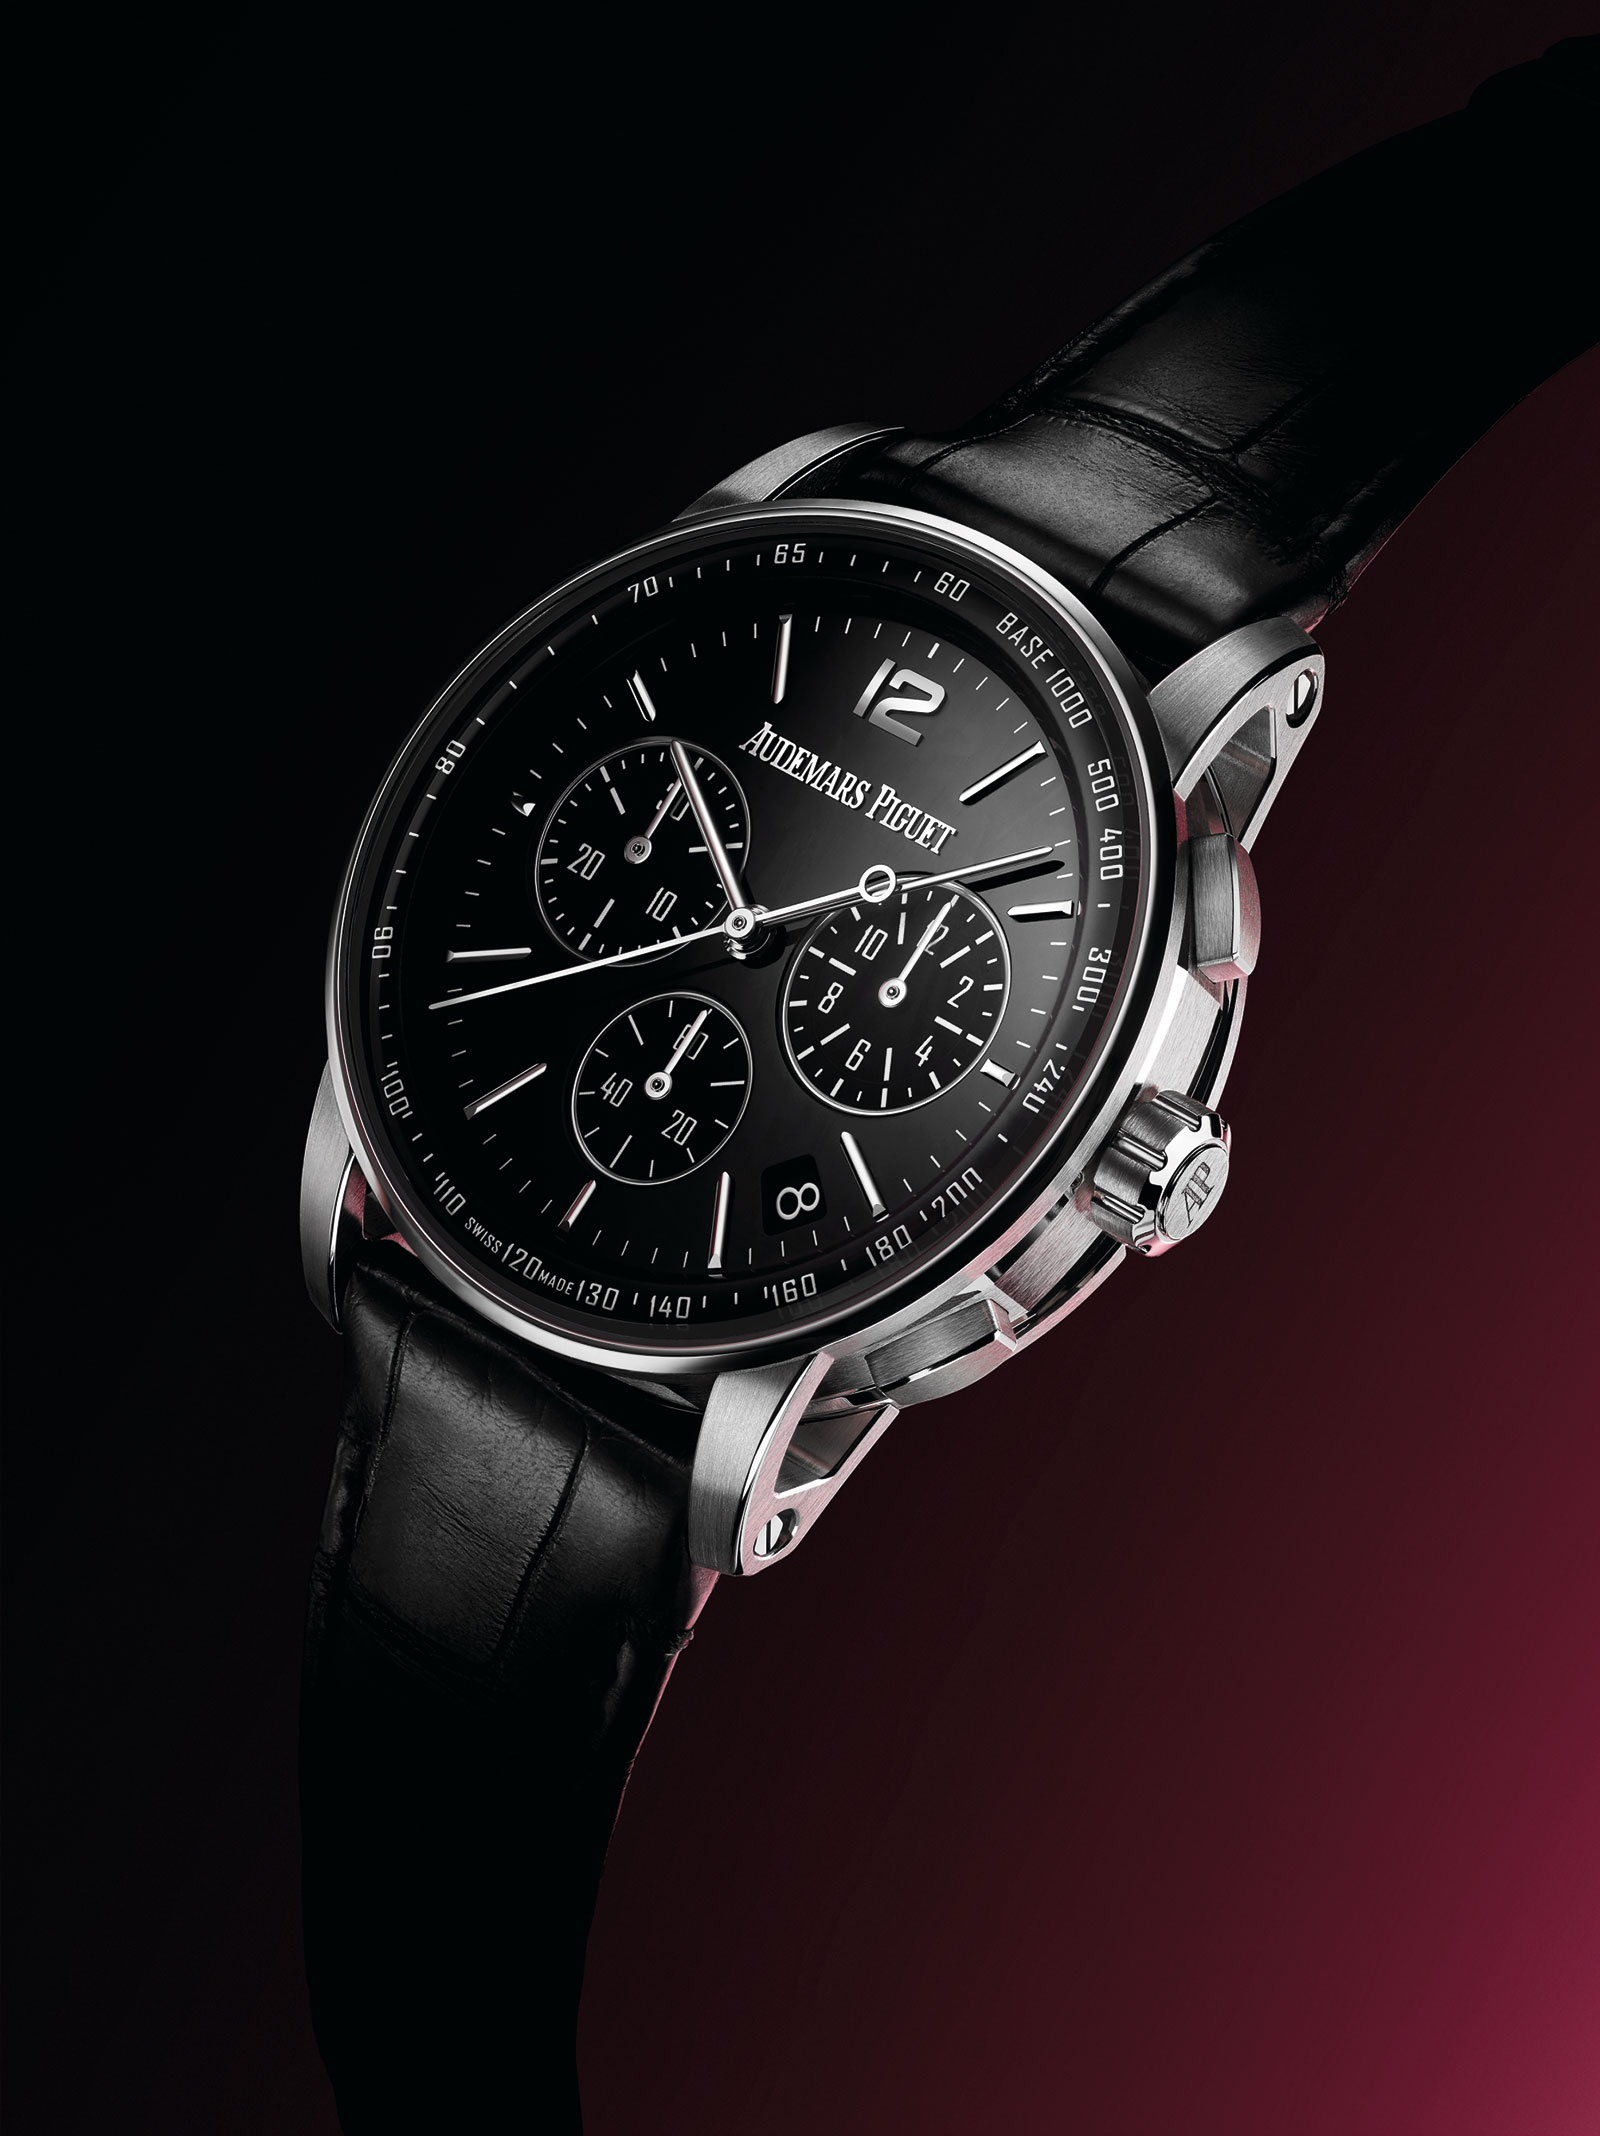 Audemars Piguet Code 1159 chronograph 1